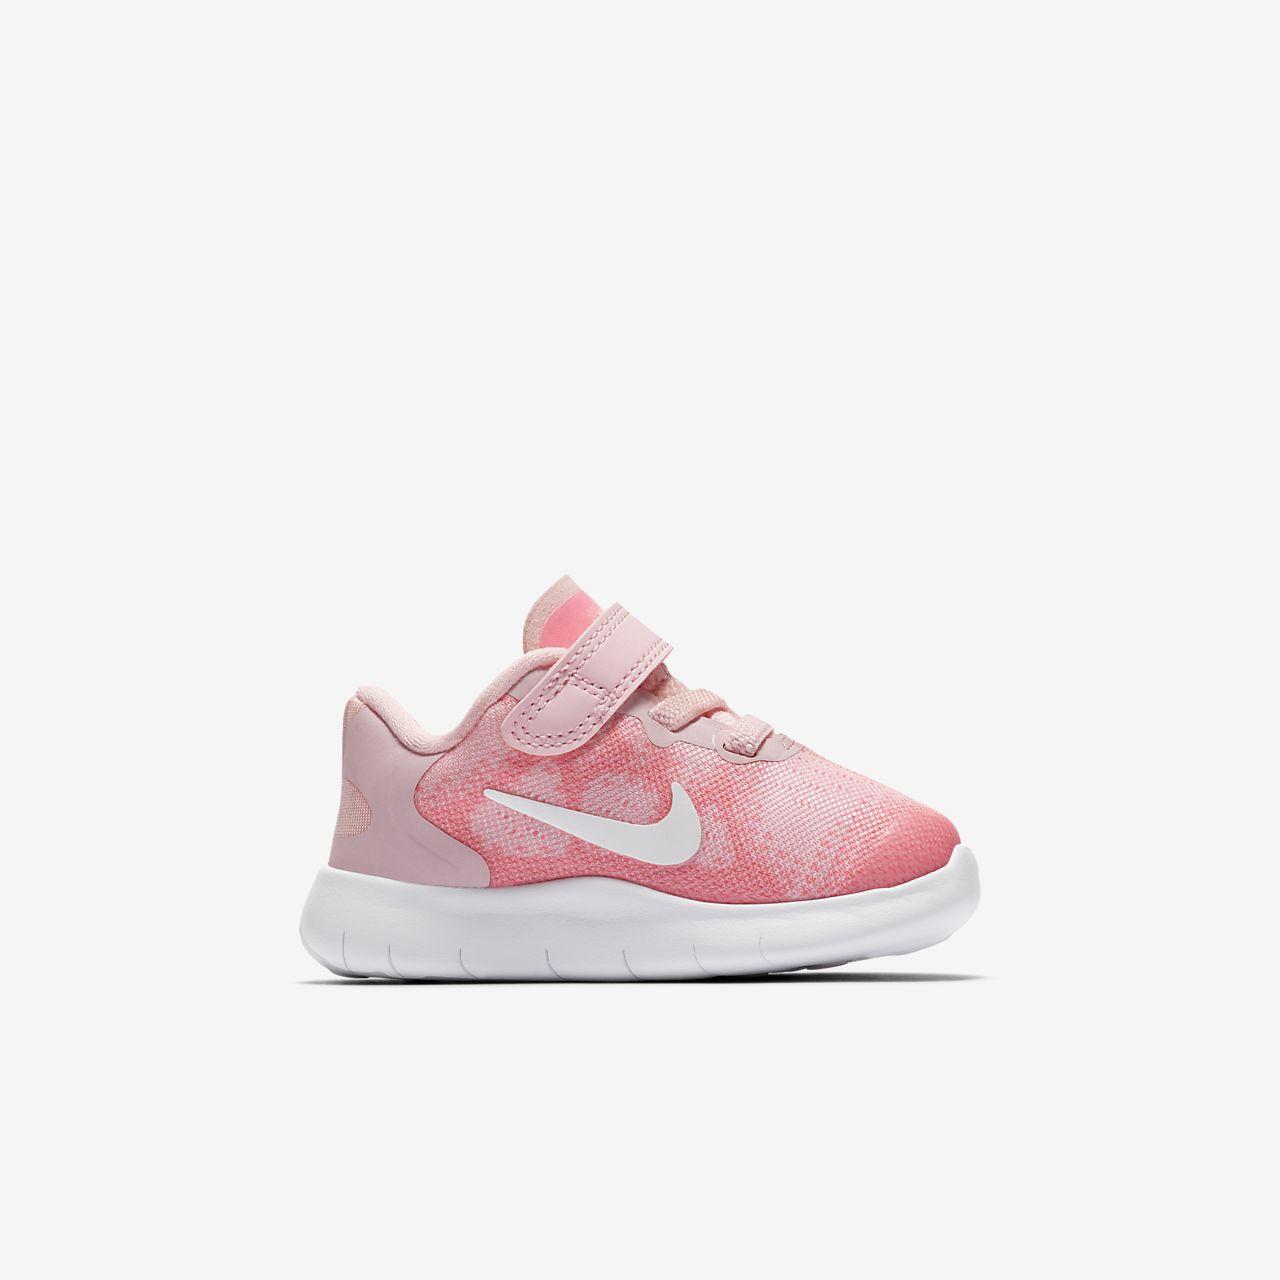 ... Nike Free RN 2017 Baby & Toddler Shoe